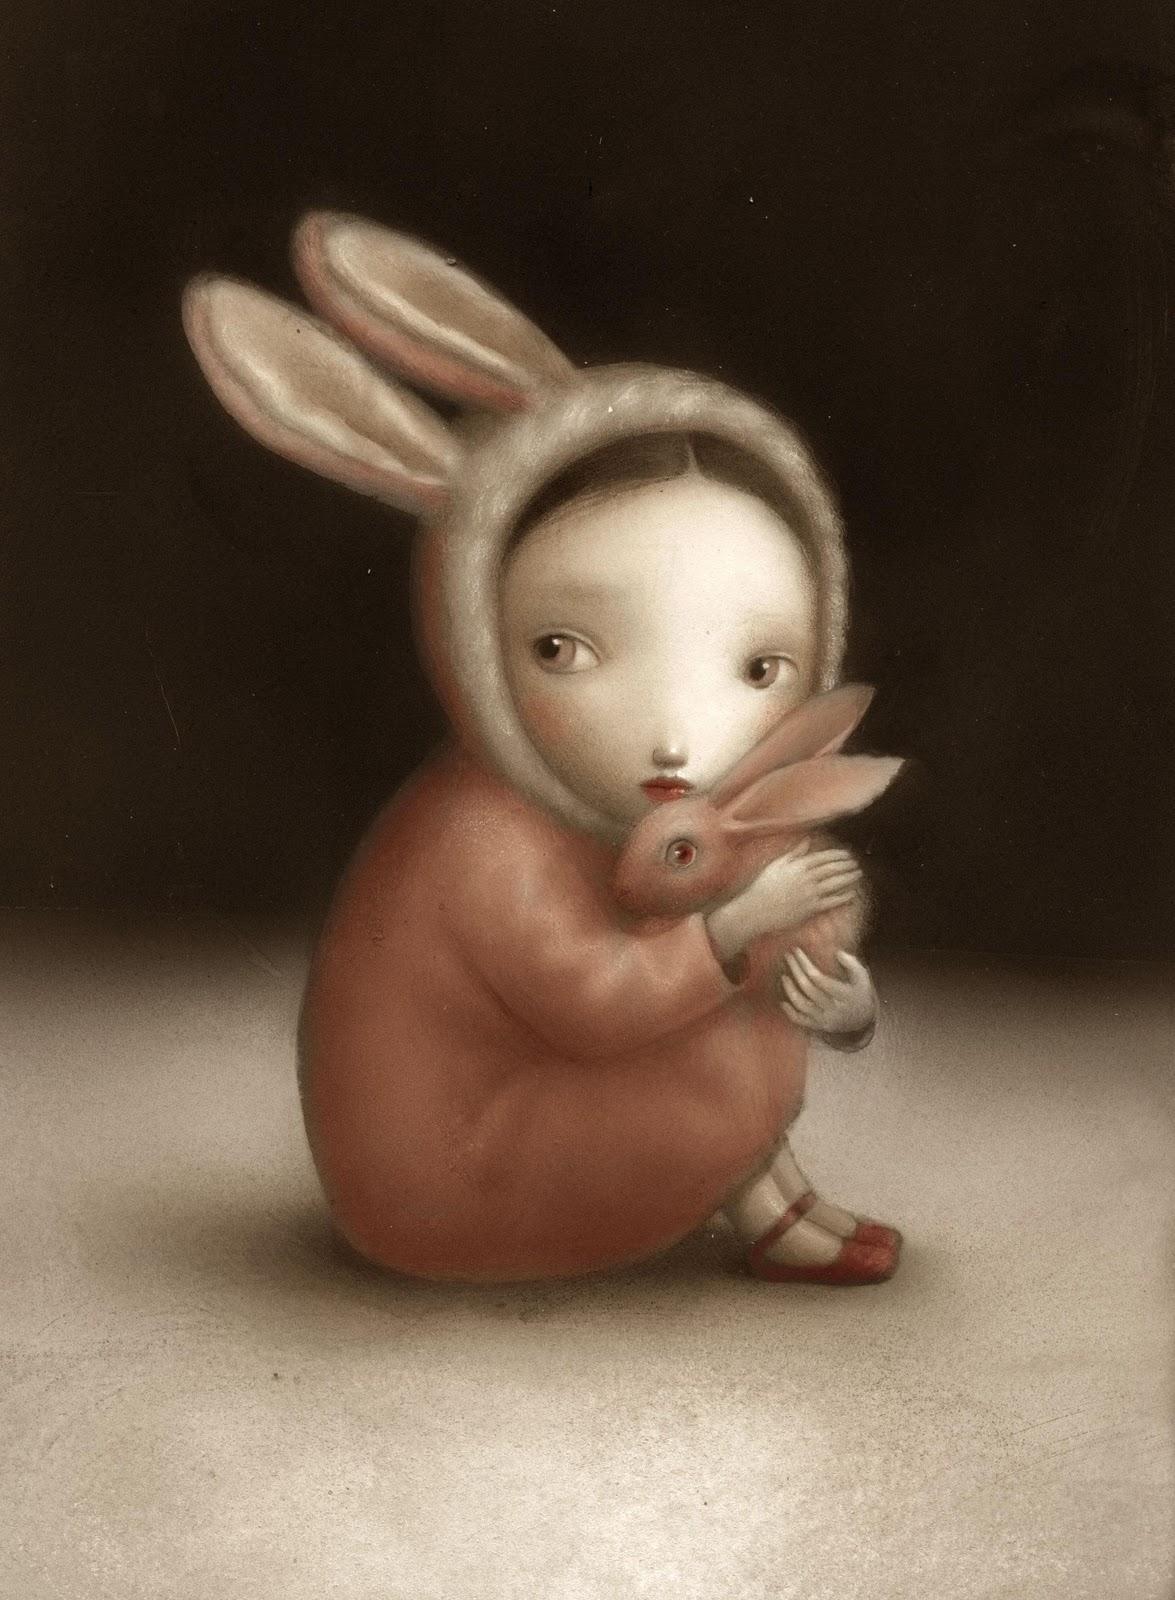 http://3.bp.blogspot.com/-MnSGaHQINO4/TWCK4yTXWSI/AAAAAAAAAec/VYACANrBgcI/s1600/illustration-nicoletta-ceccoli-beaute-cauchem-L-75T5MM.jpg